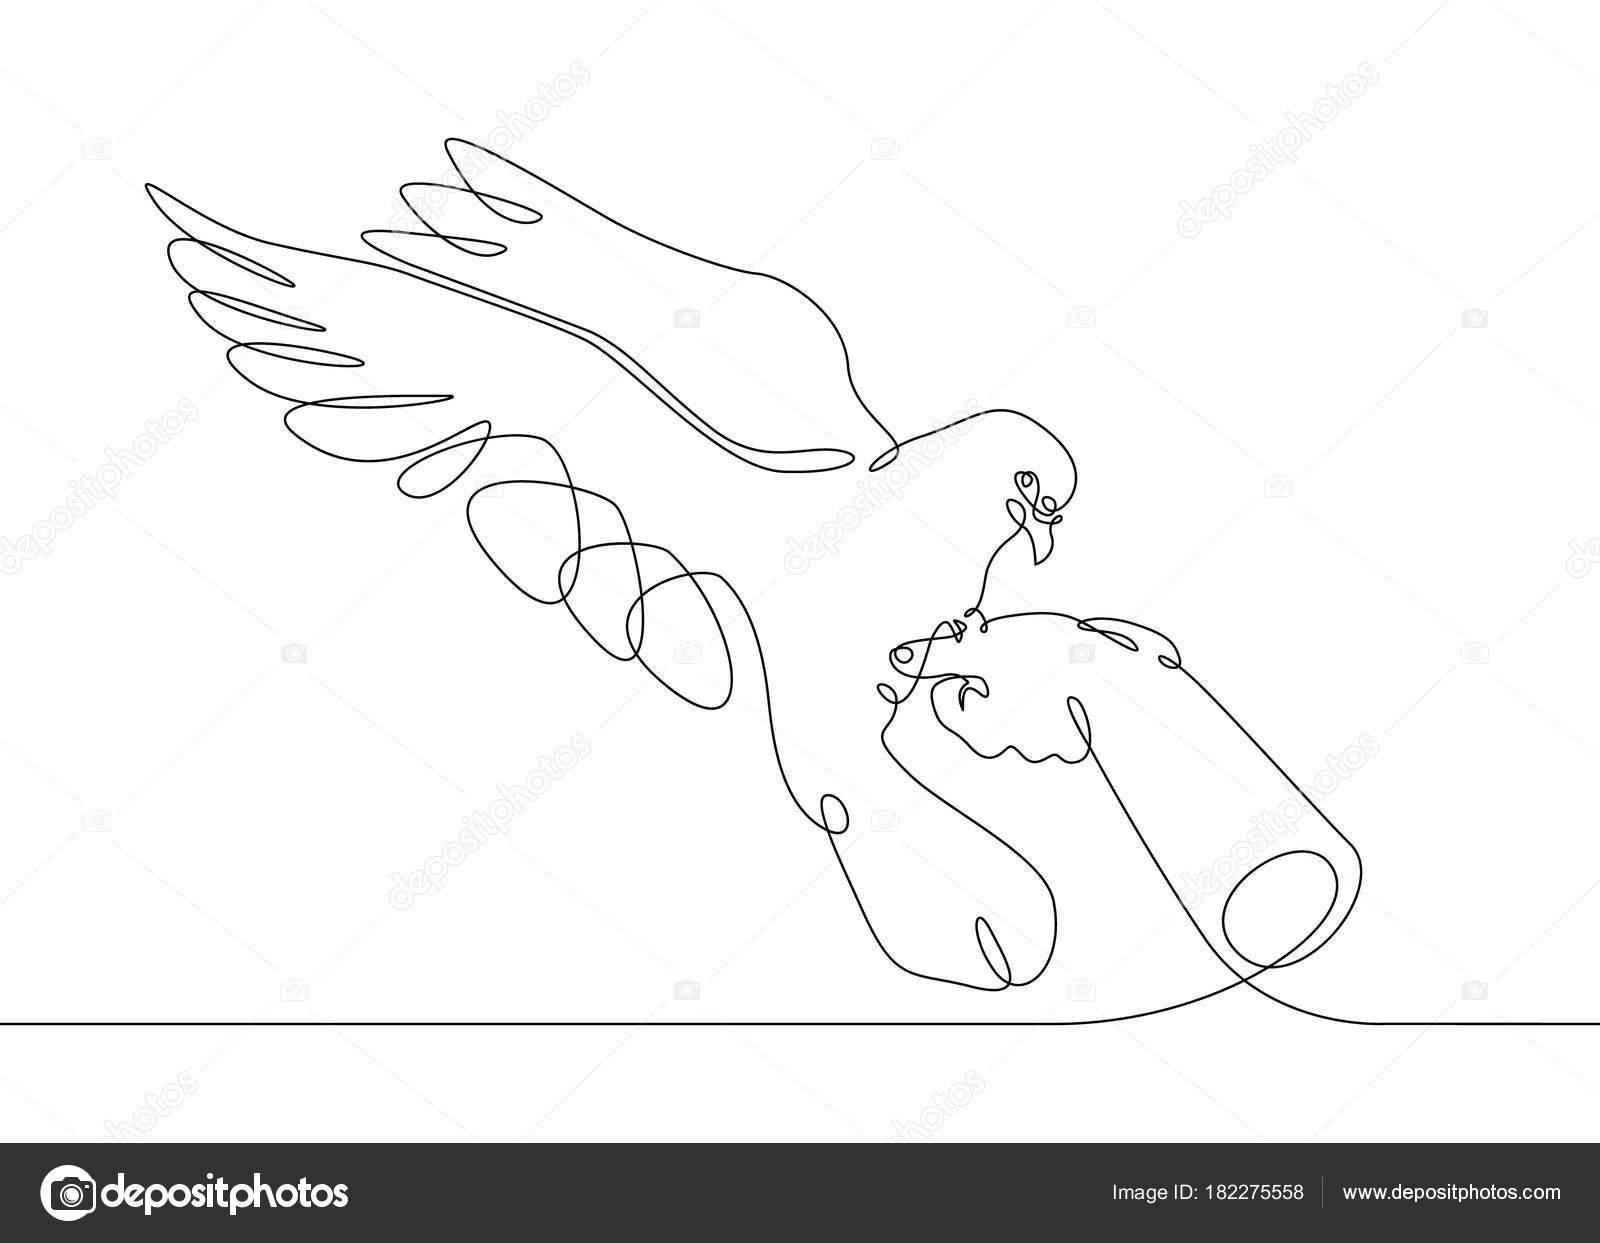 pájaro de dibujo de línea continua de mano al vuelo — Vector de ...